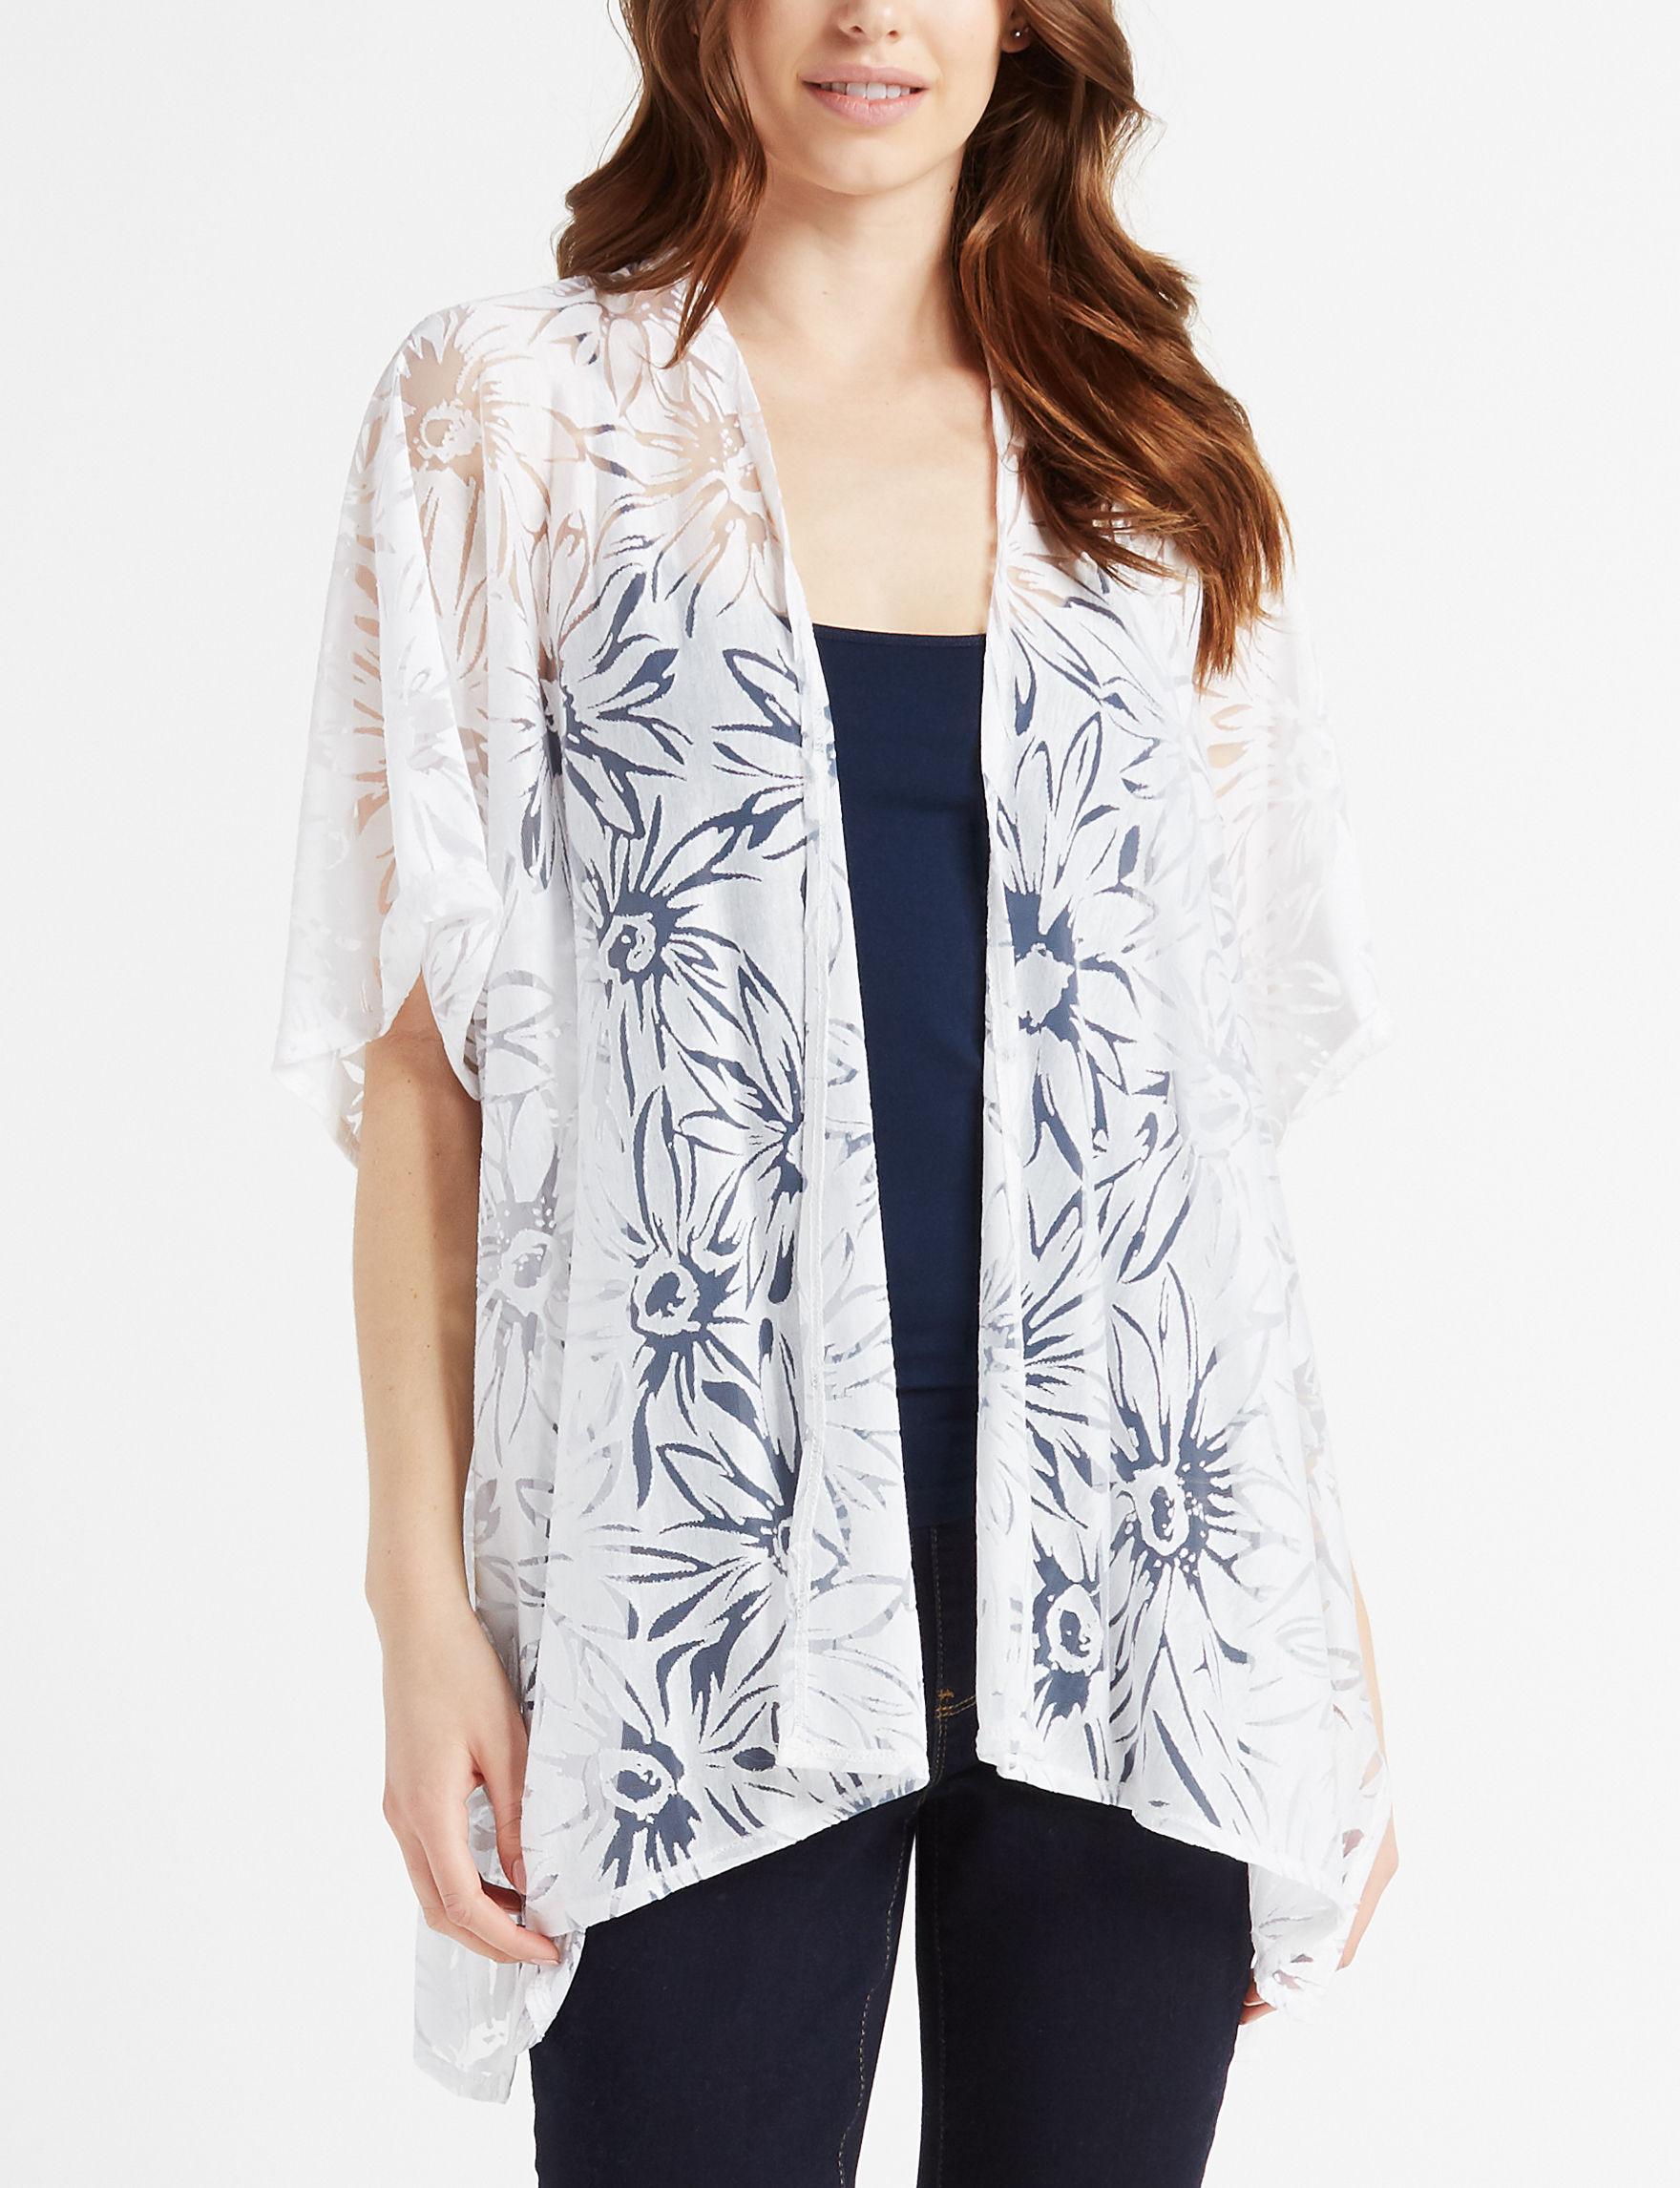 Basha White Kimonos & Toppers